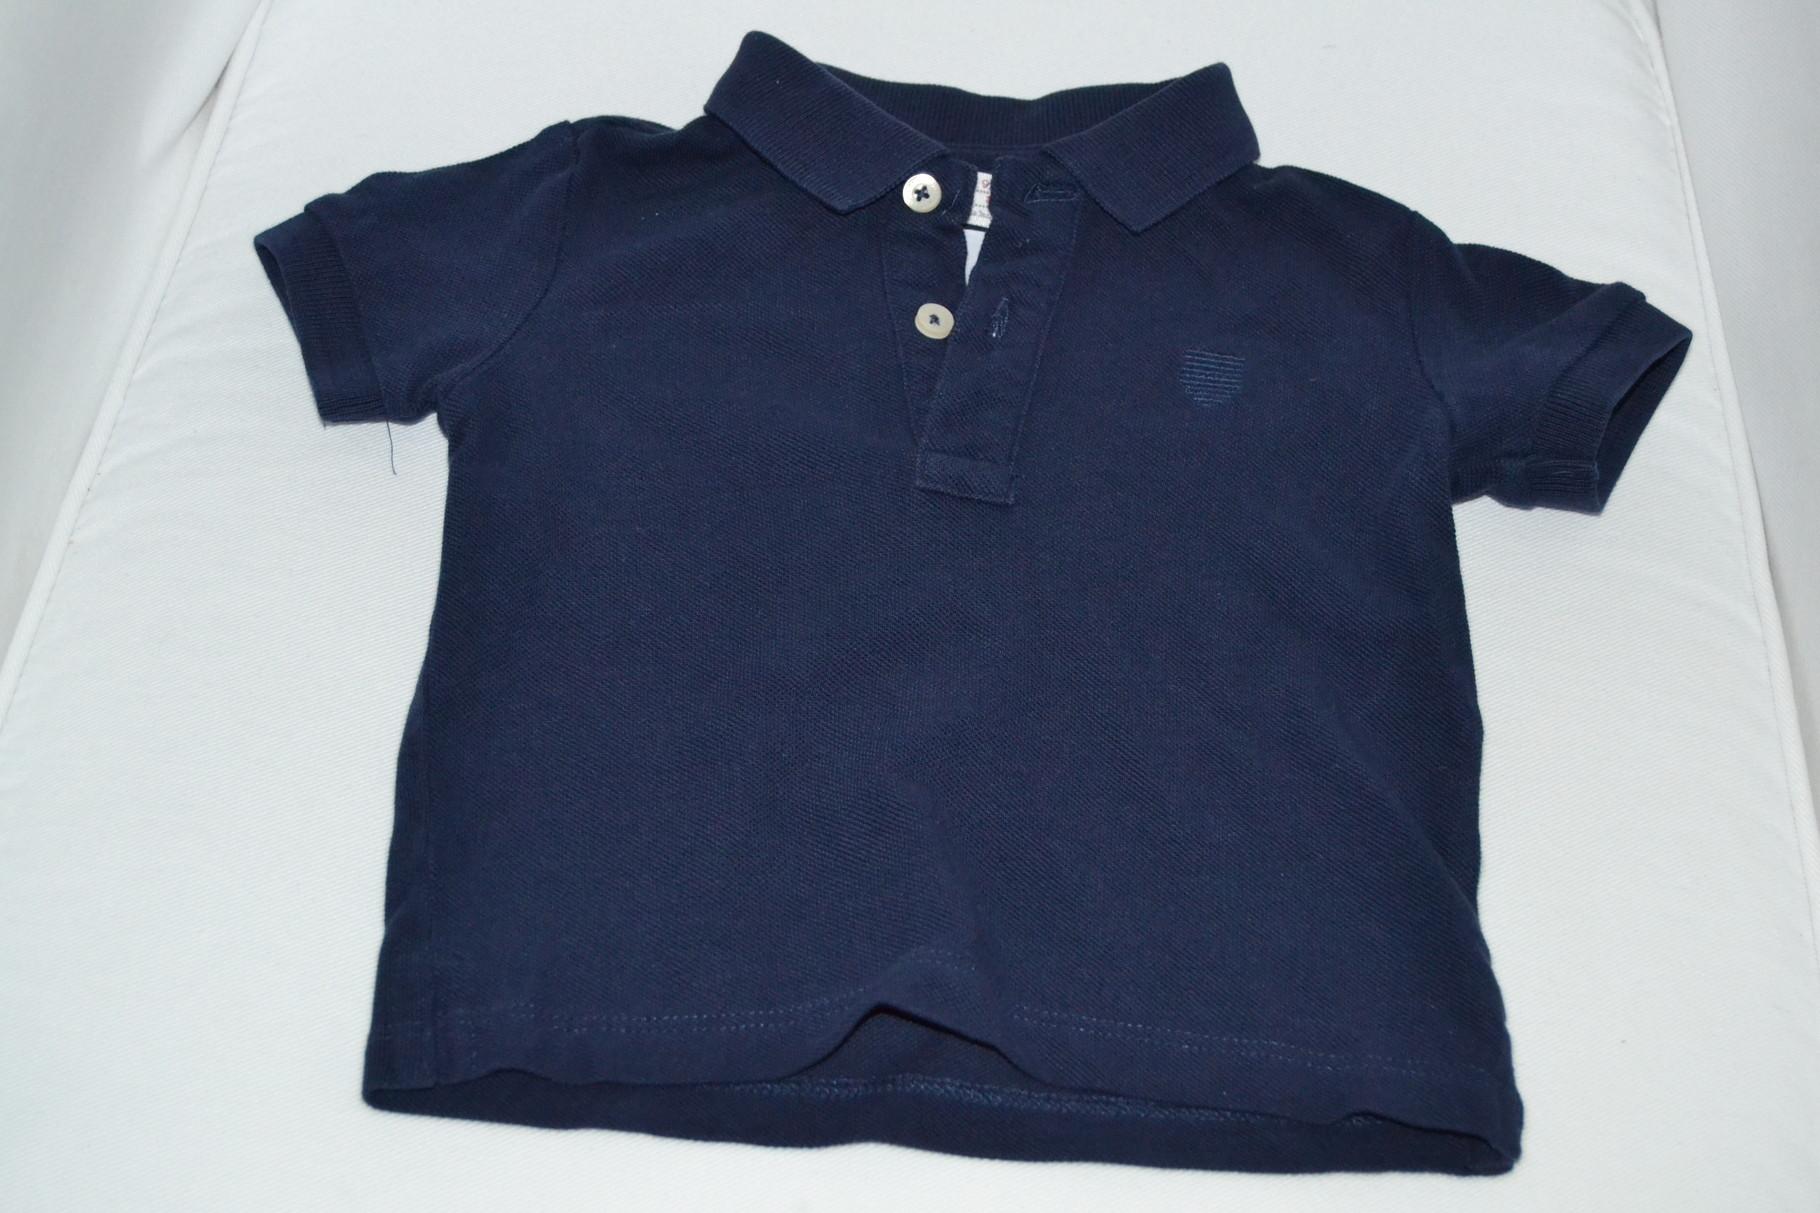 Poloshirt von Zara Baby Boy - Gr. 80 - 1,- €